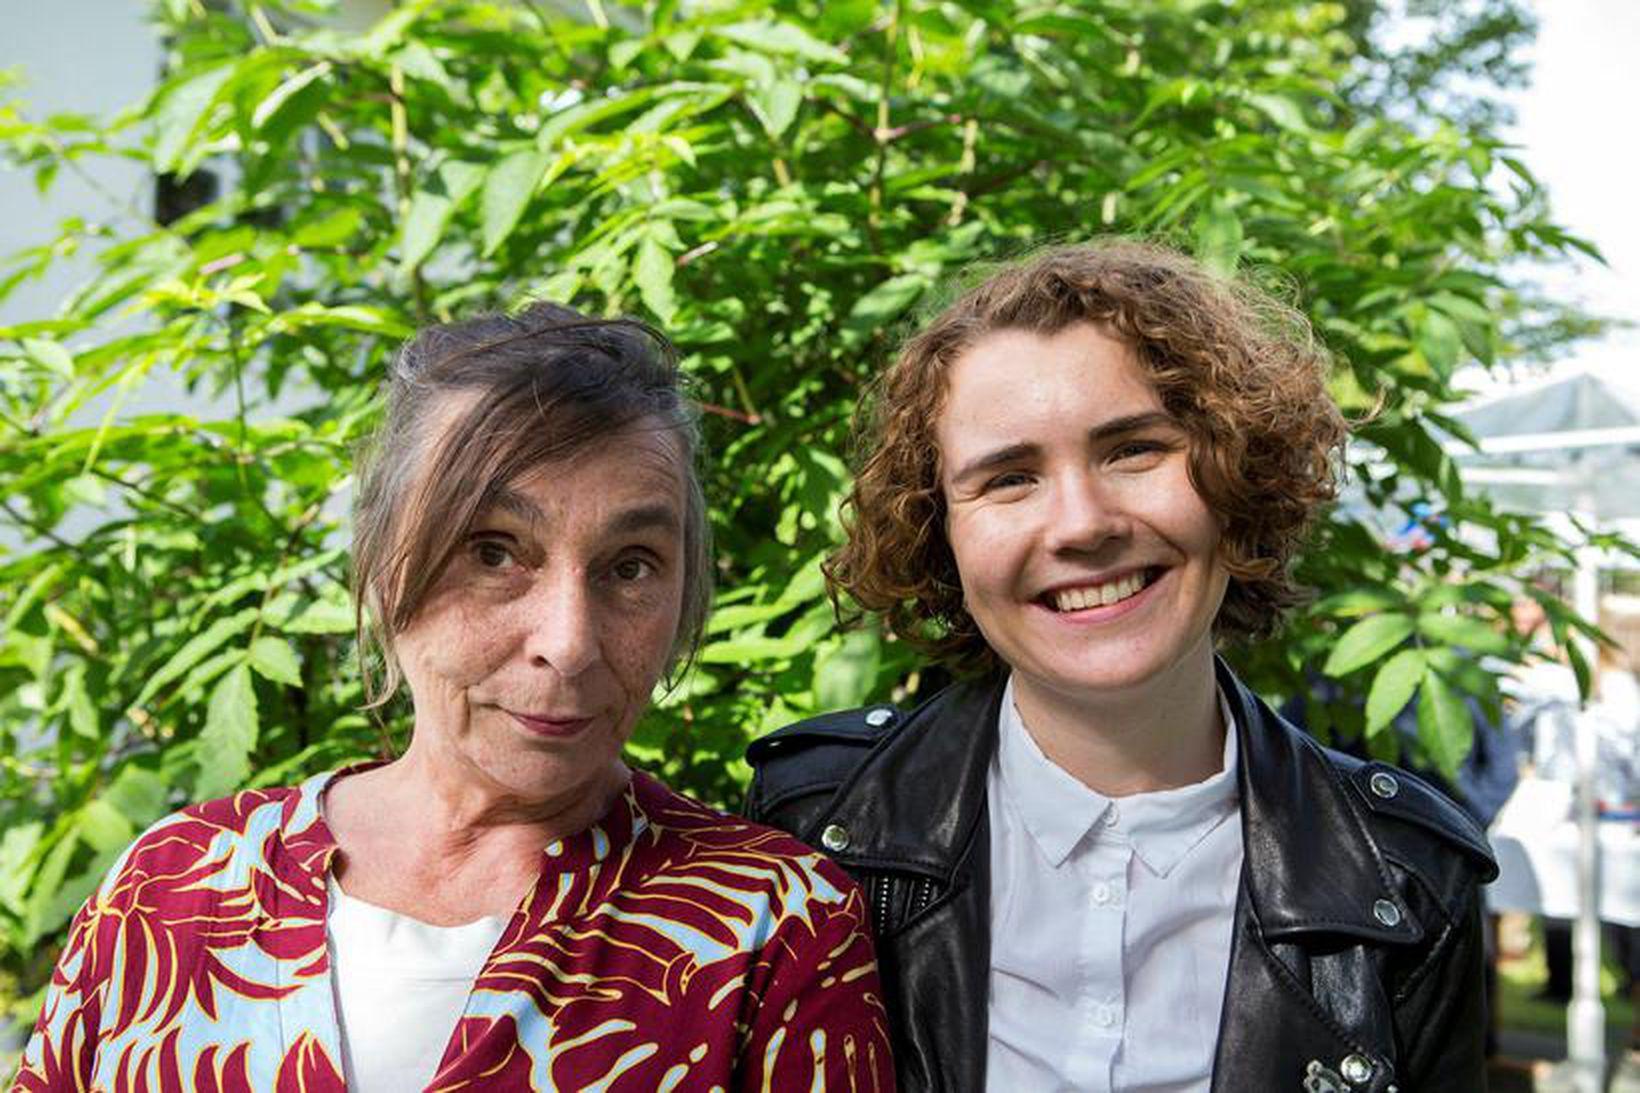 Mæðgurnar Guðrún Gísladóttir og Vera Illugadóttir.